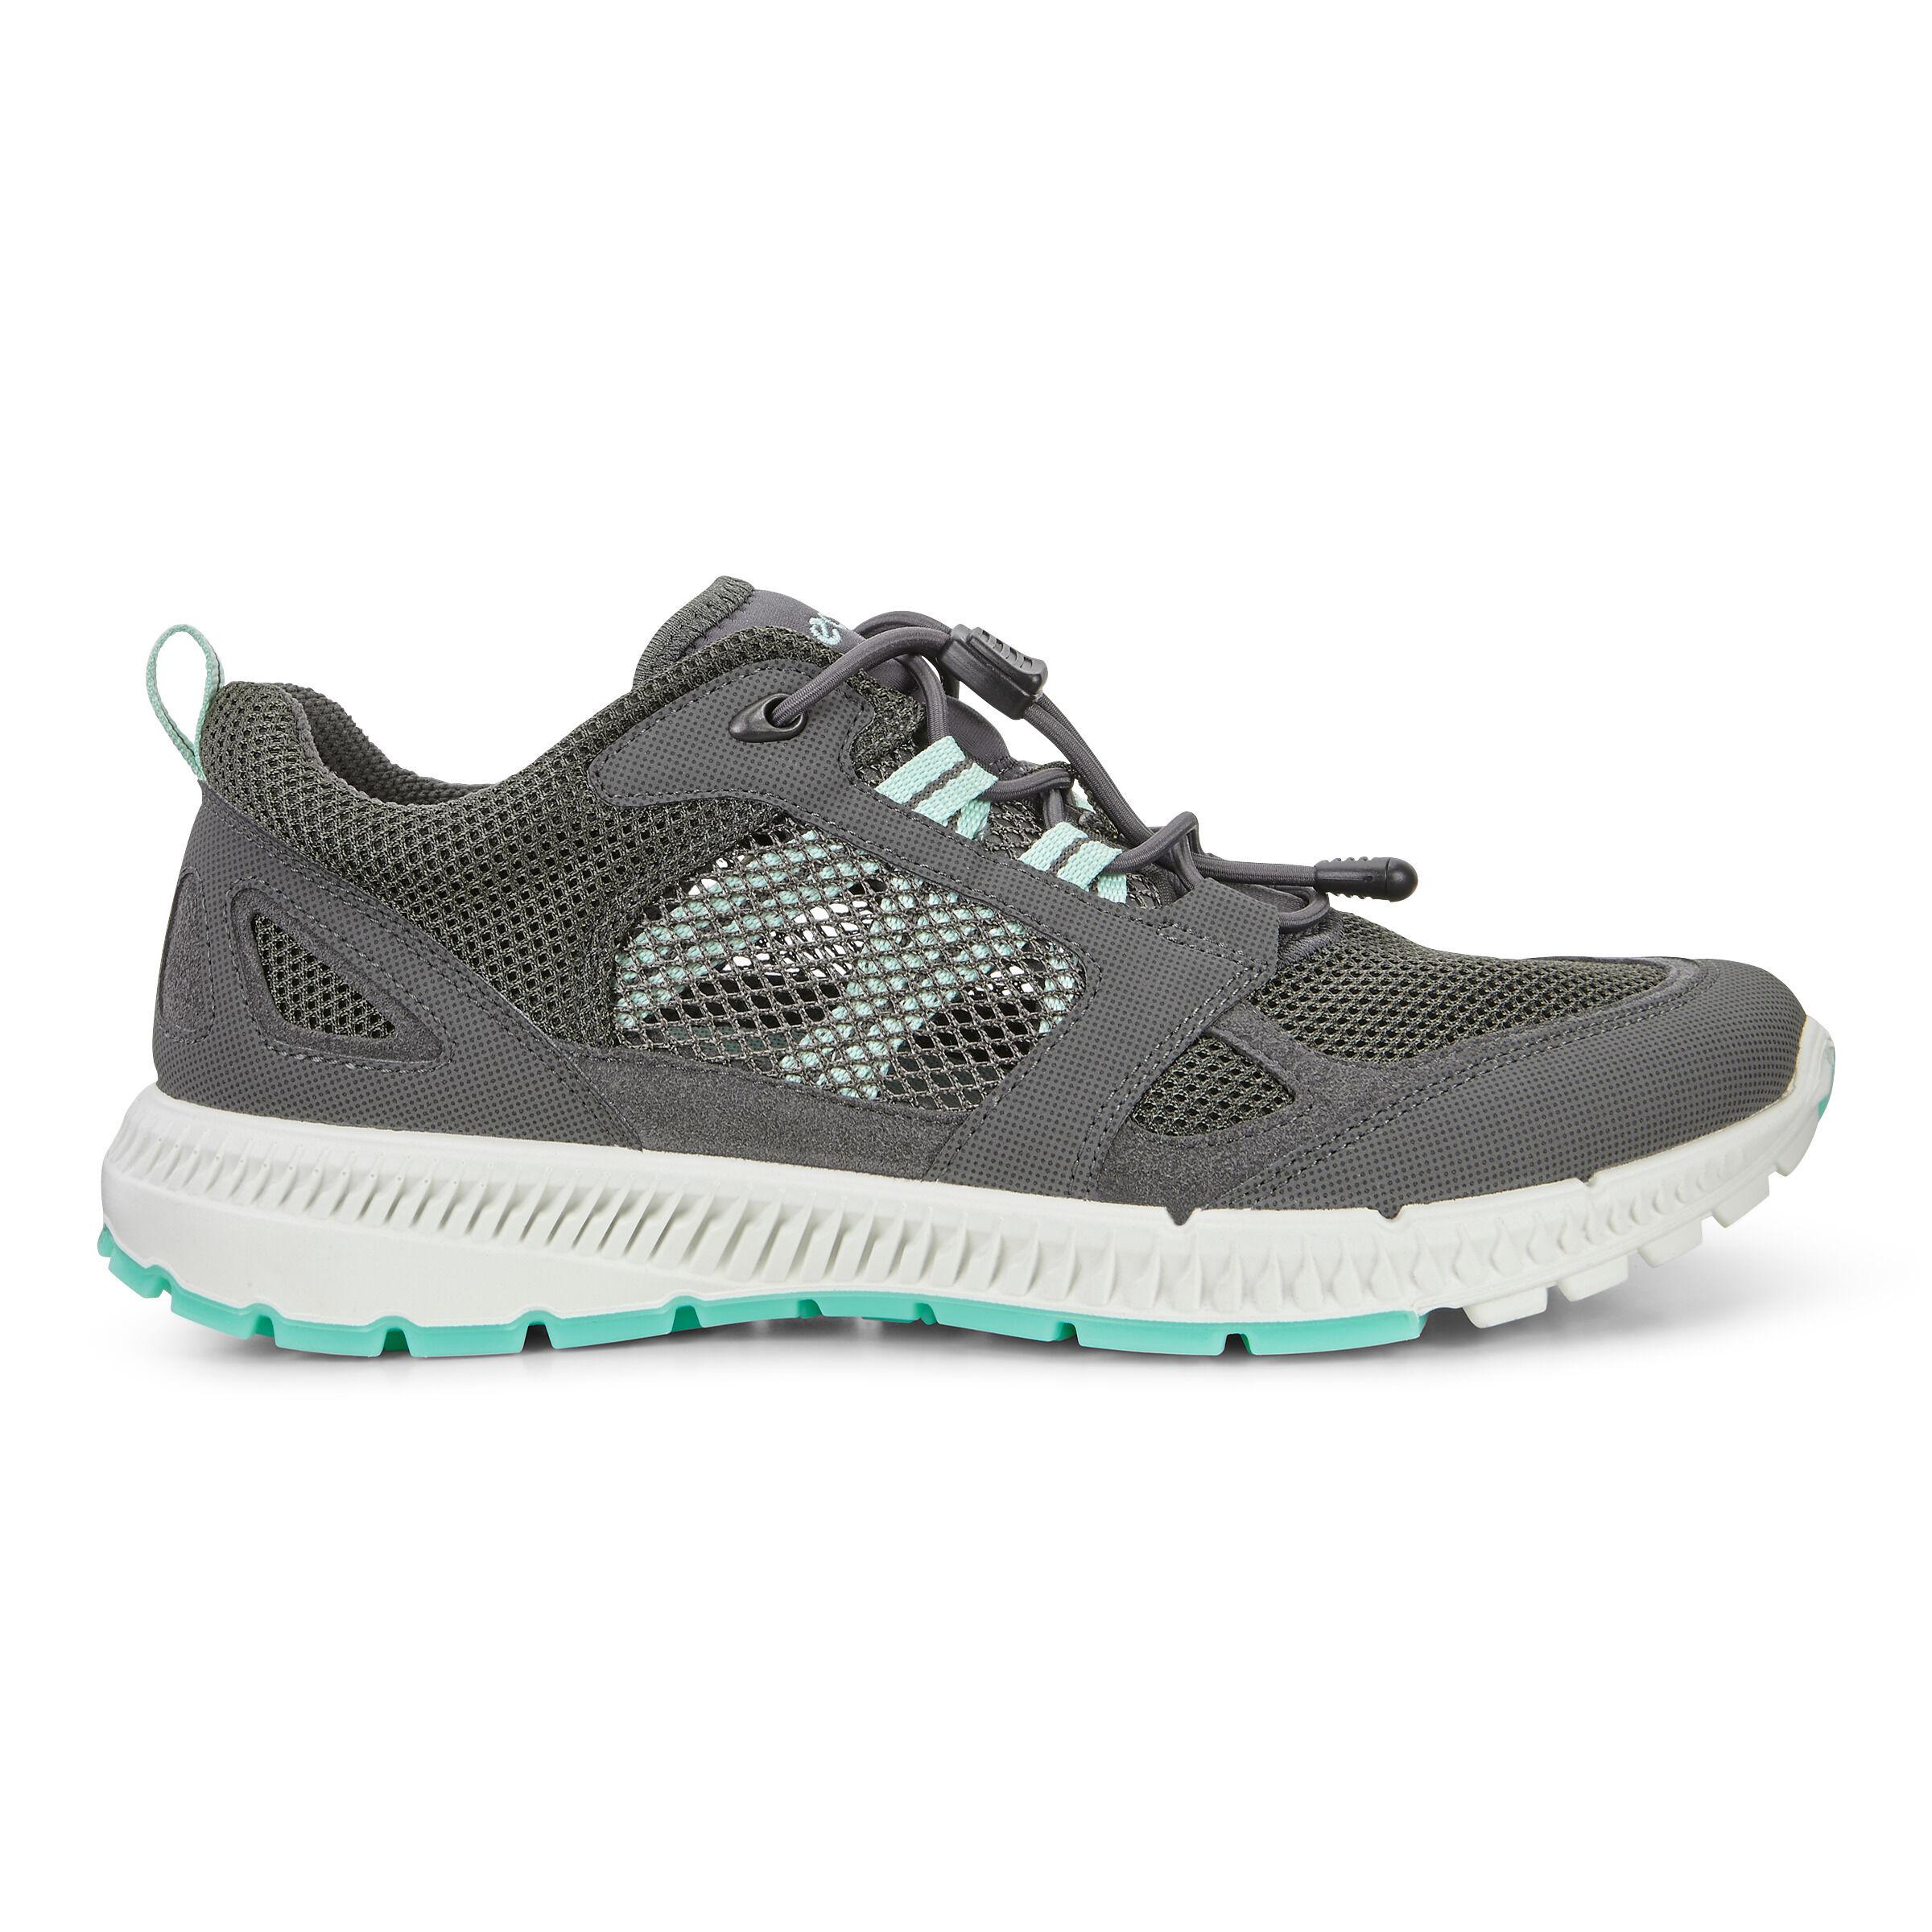 Ecco Terracruise II Ladies Trekking Outdoor Chaussures Dark Shadow 843013-56586